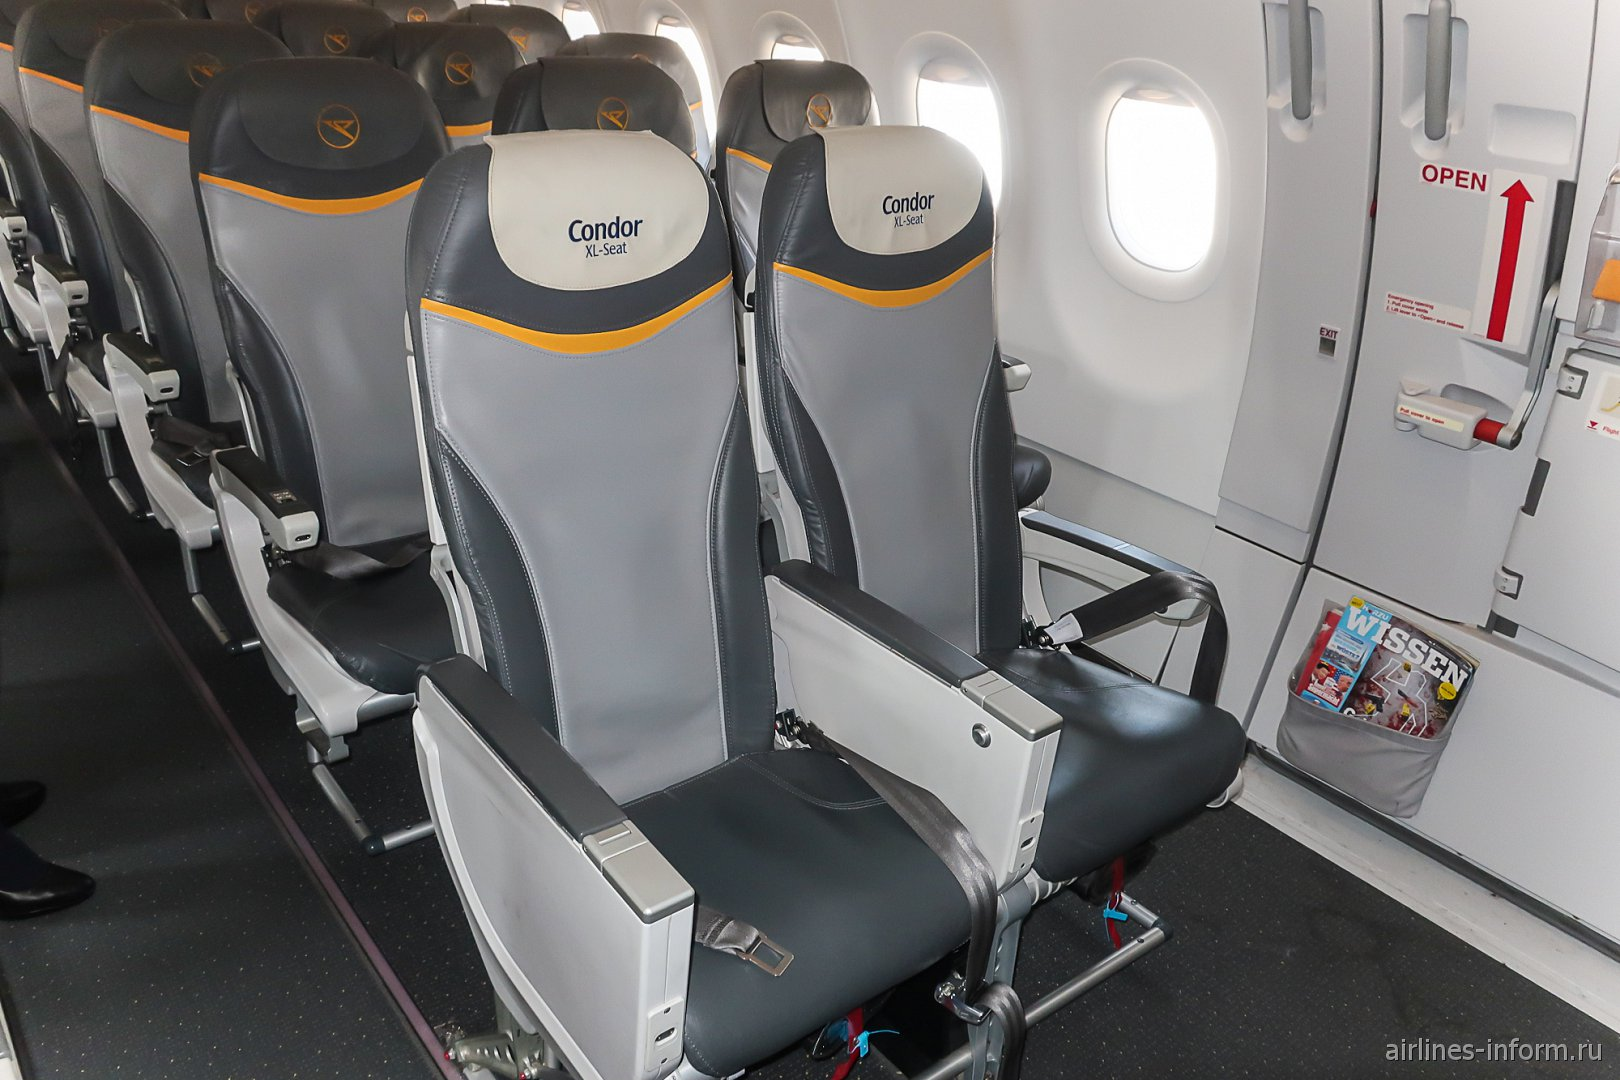 Пассажирские места Condor XL в самолета Airbus A321